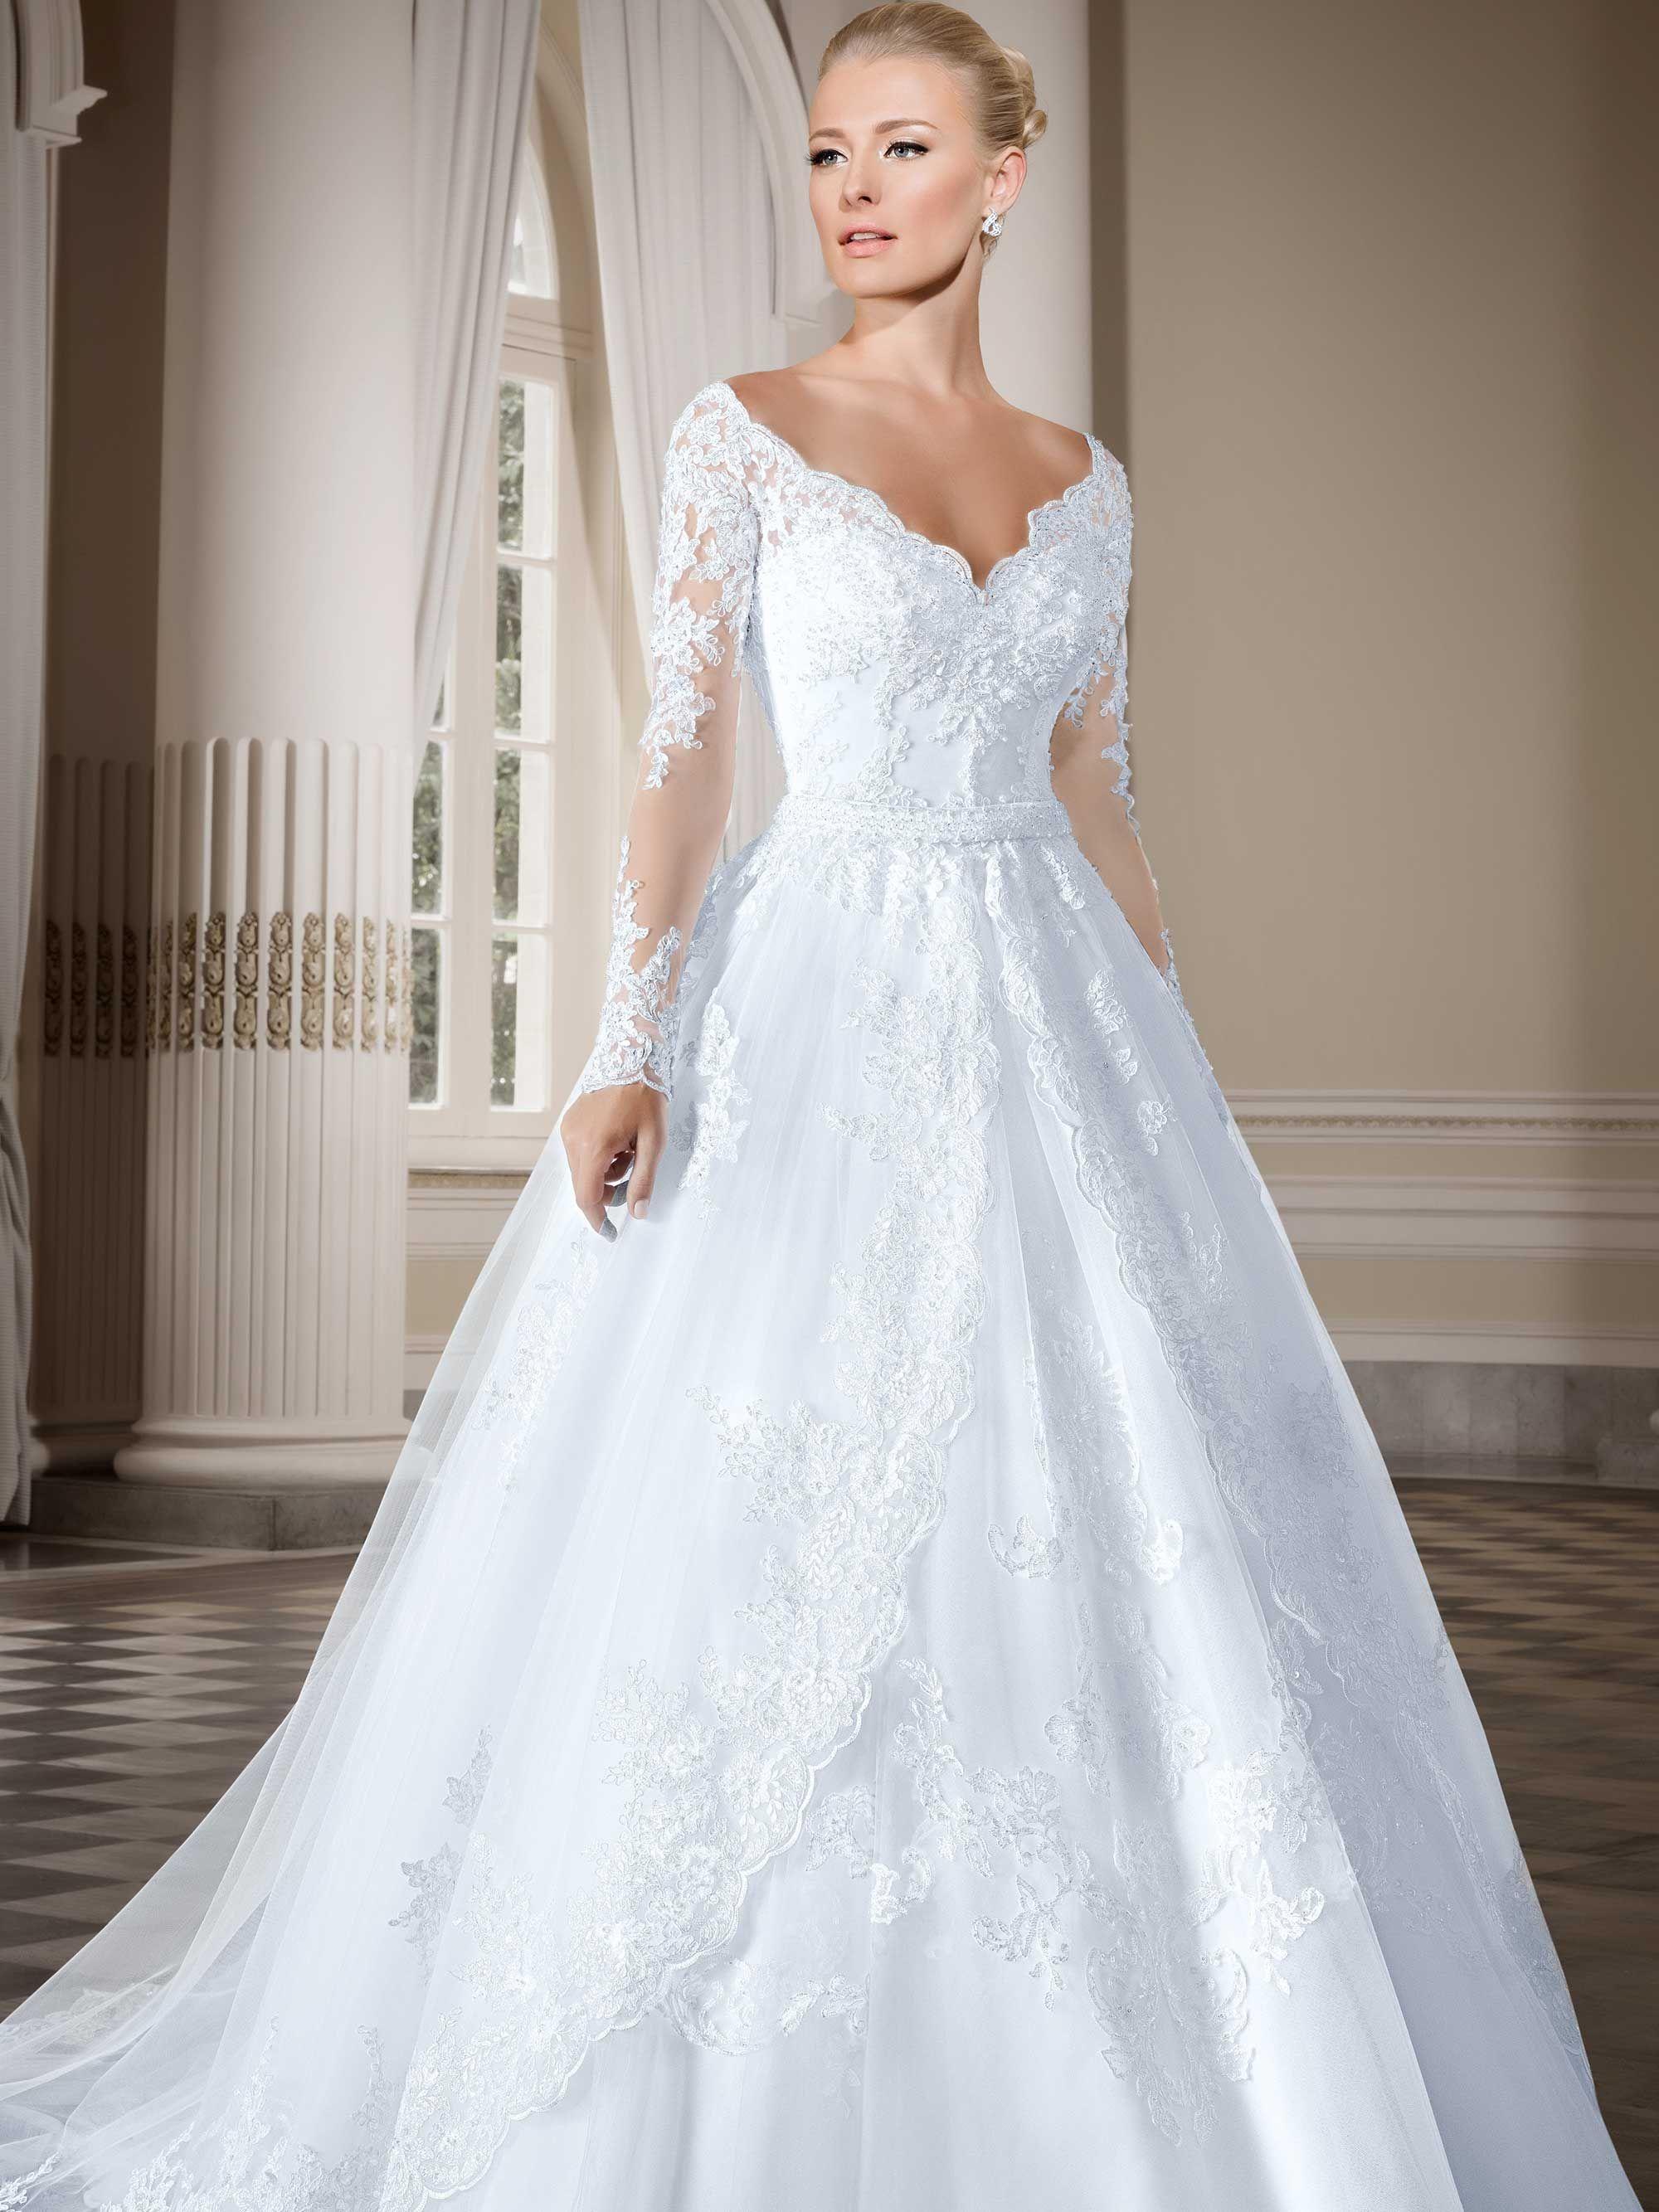 42da1c76e7 Vestidos de noiva - Coleção Callas (5) Frente completo